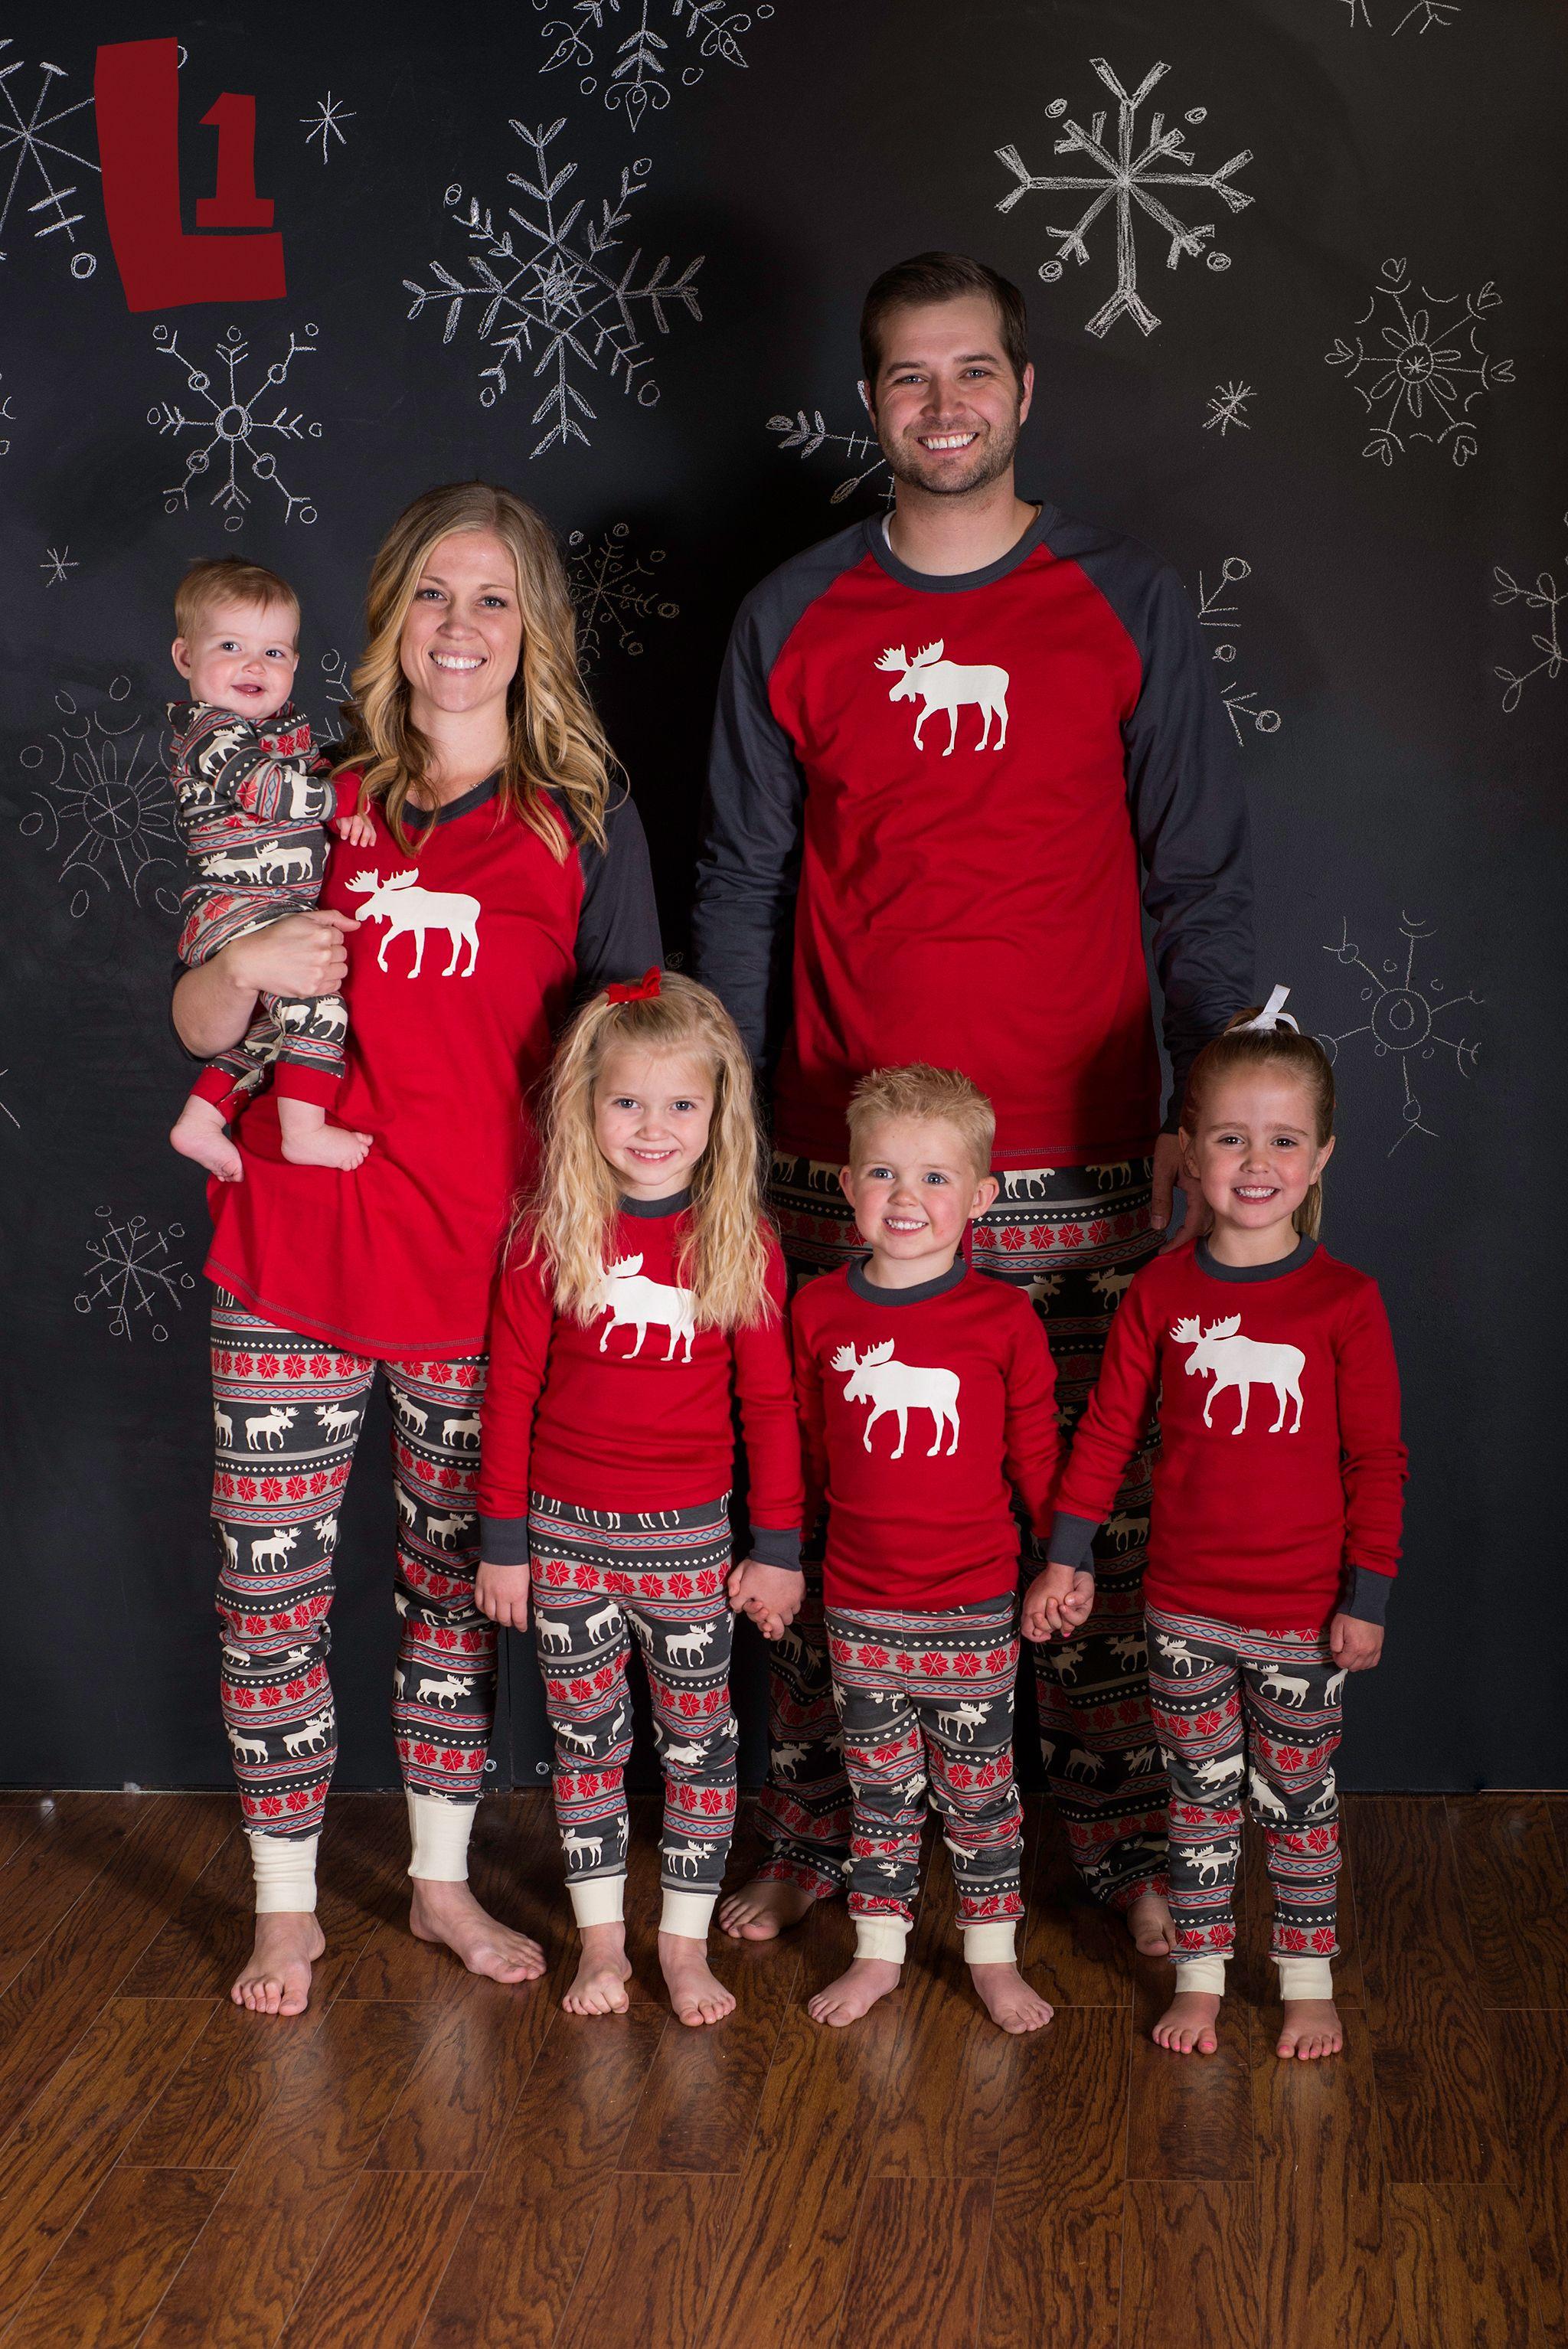 Moose Fair Isle Pajamas For The Whole Family So Cute